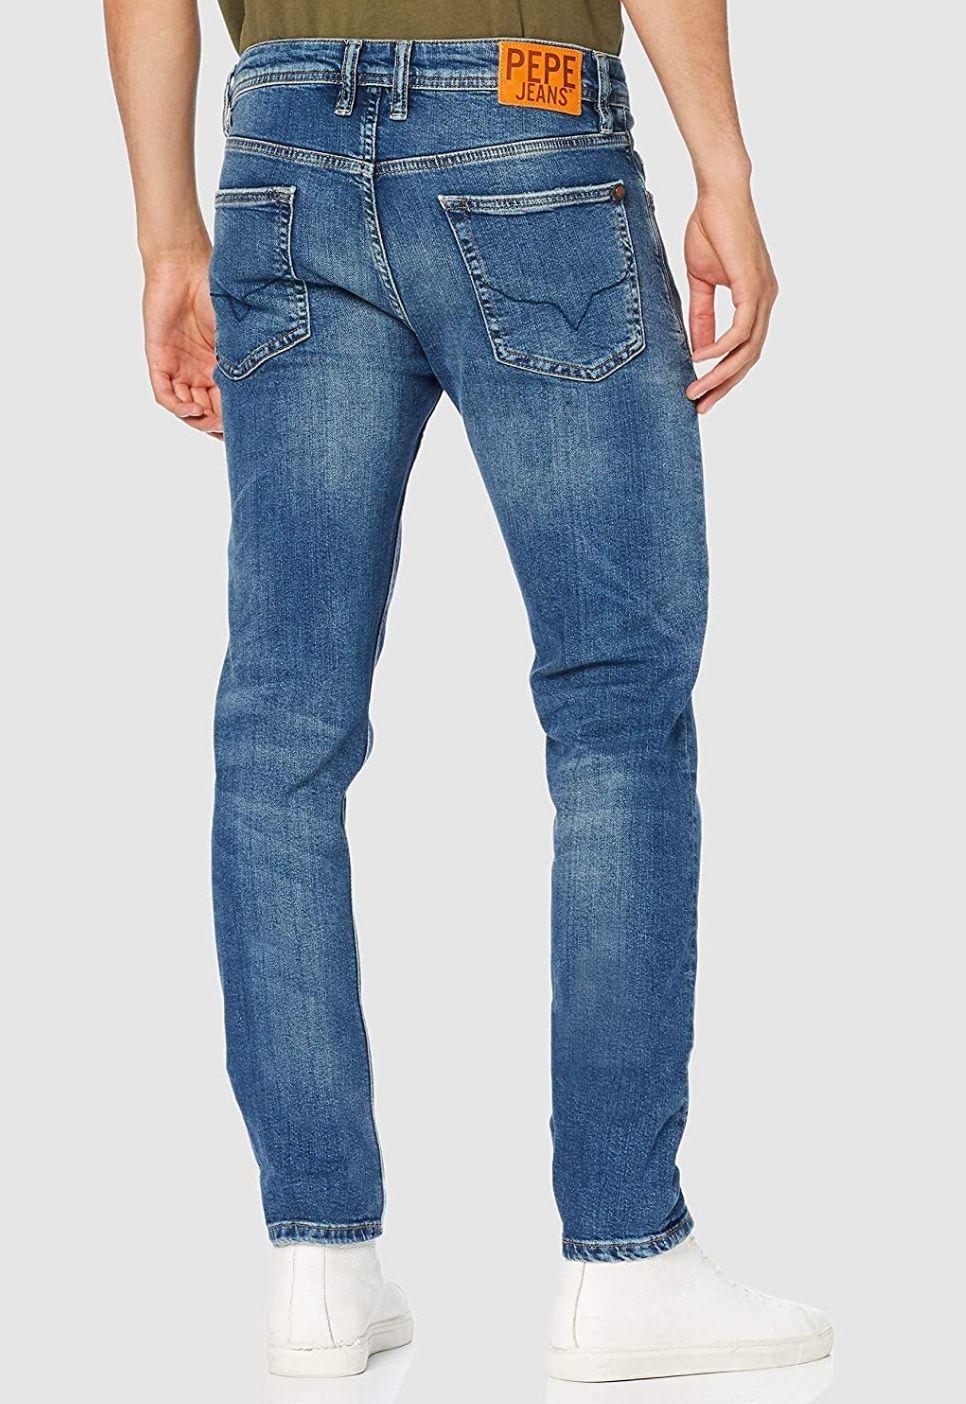 Vaqueros Pepe Jeans Talla 29w/34L